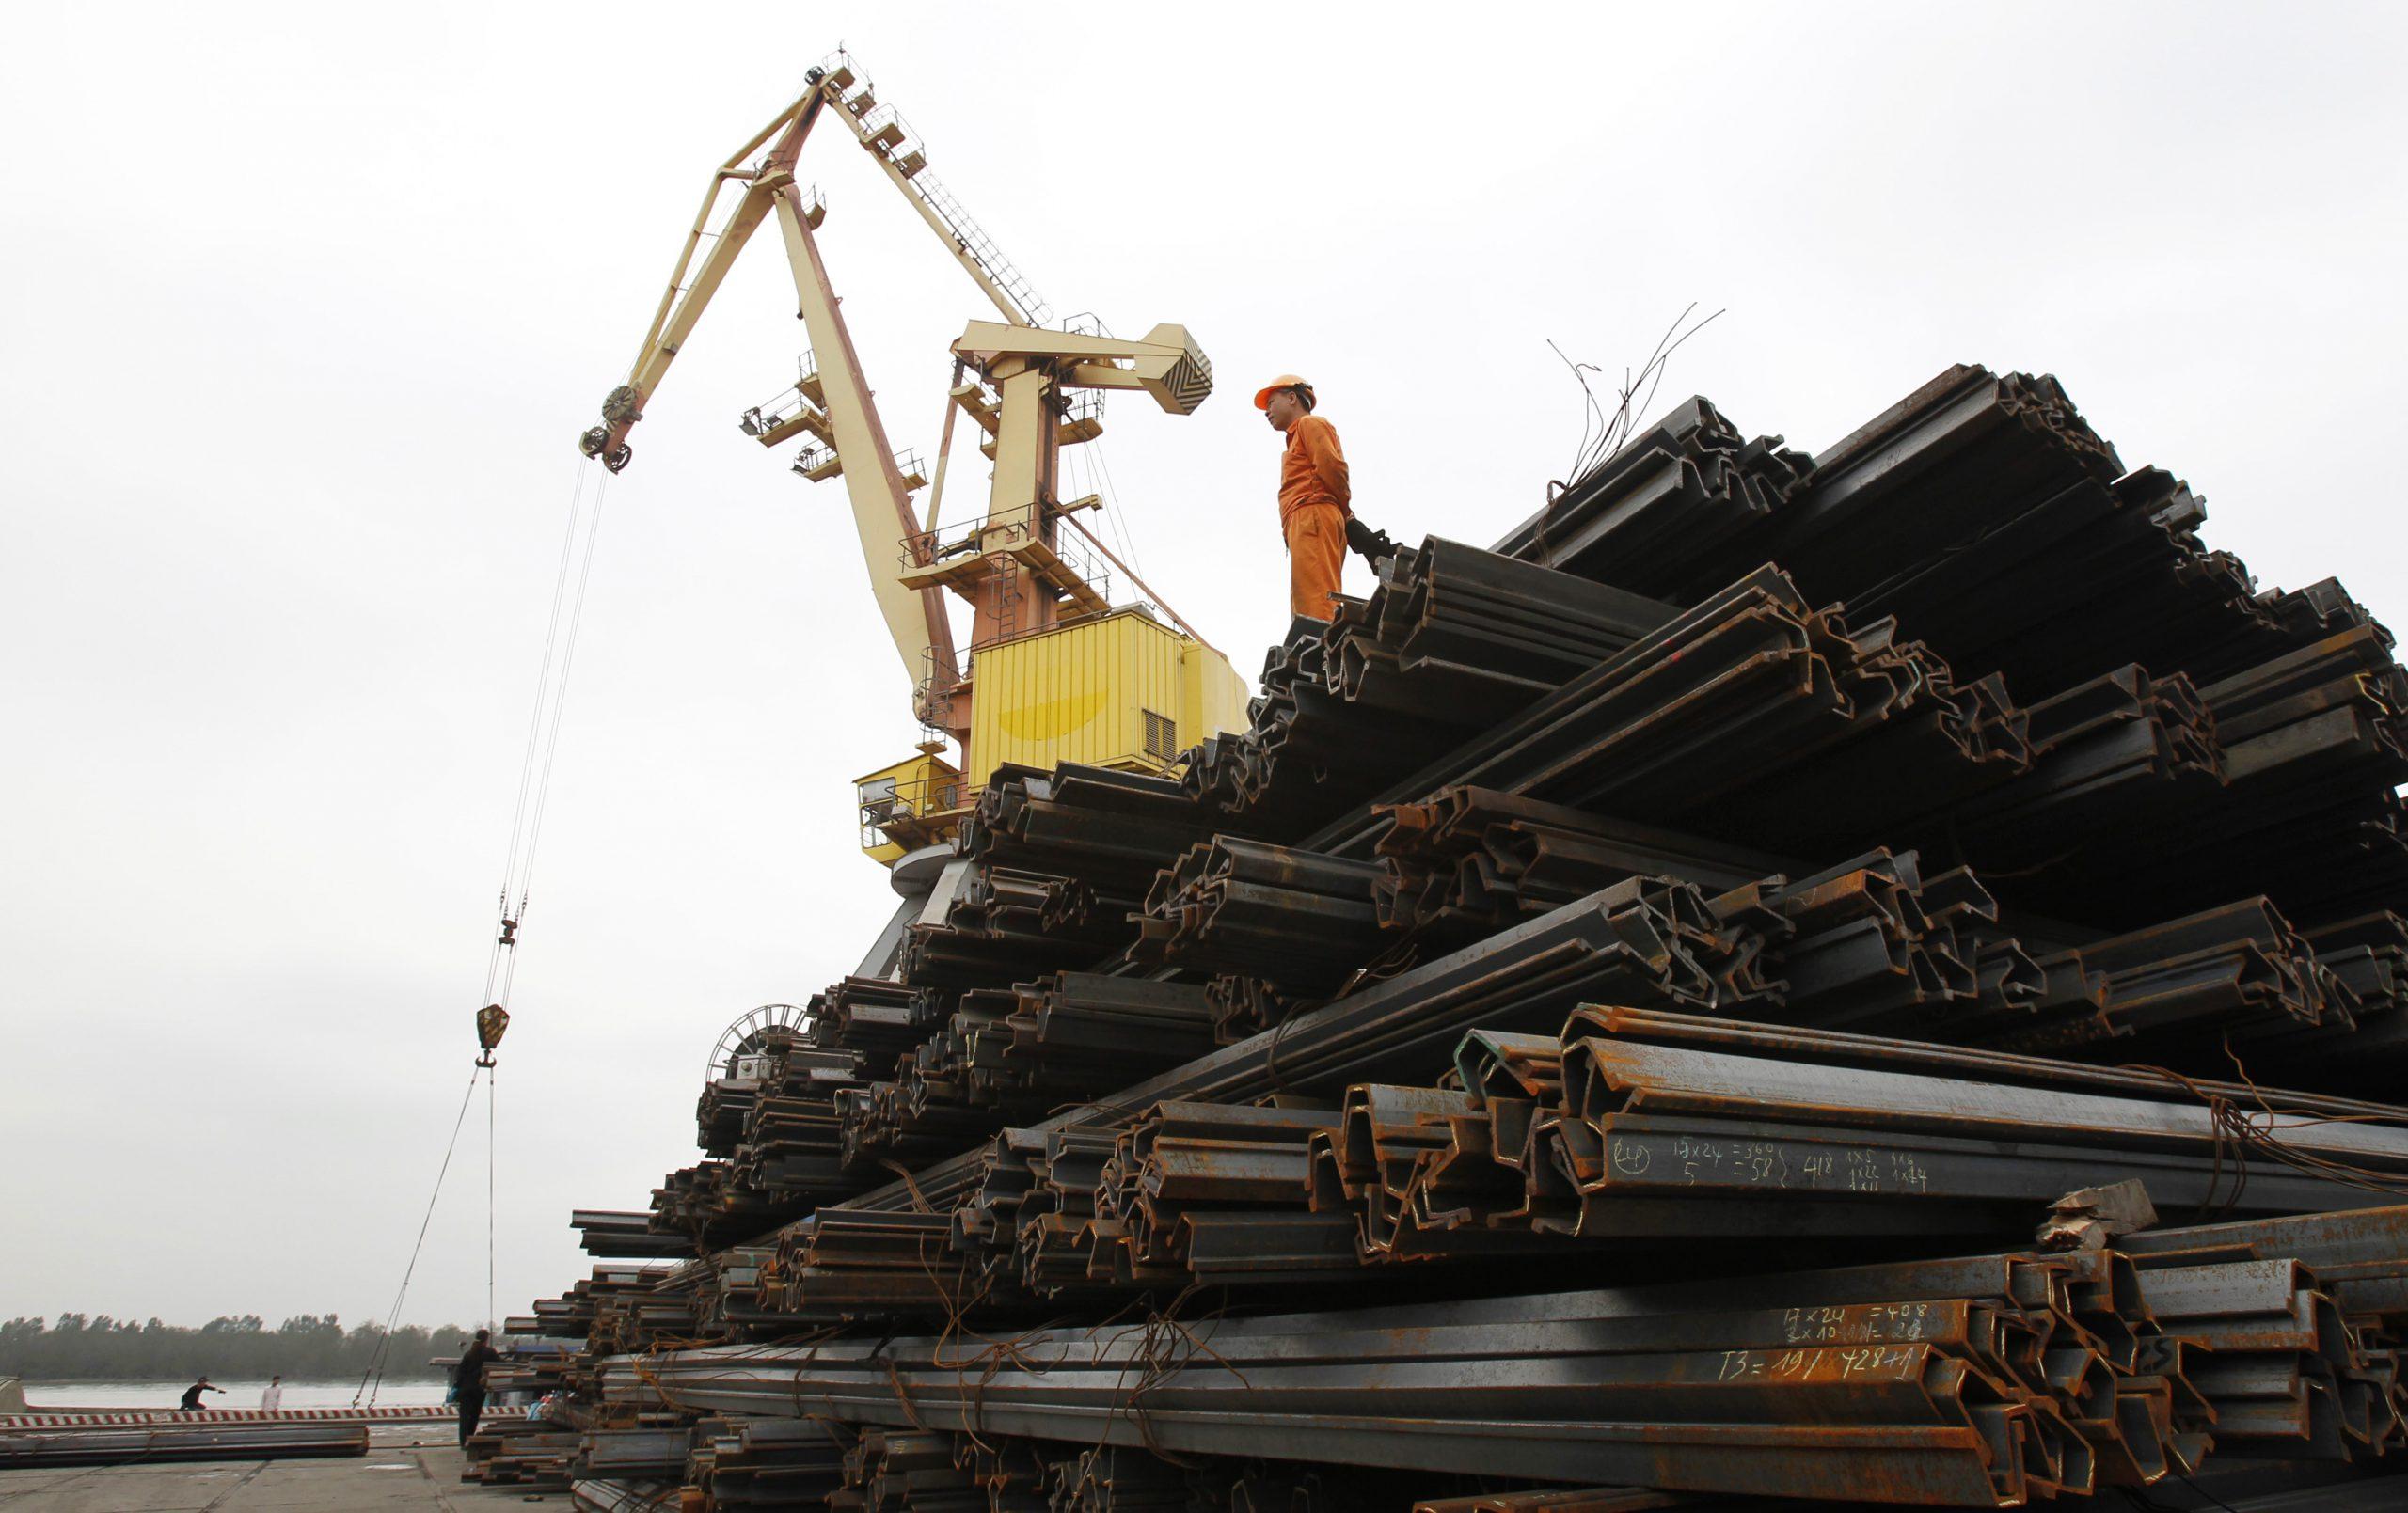 圖/堆疊在越南港口等待外銷的鋼鐵堆。( REUTERS / Kham / 達志影像)